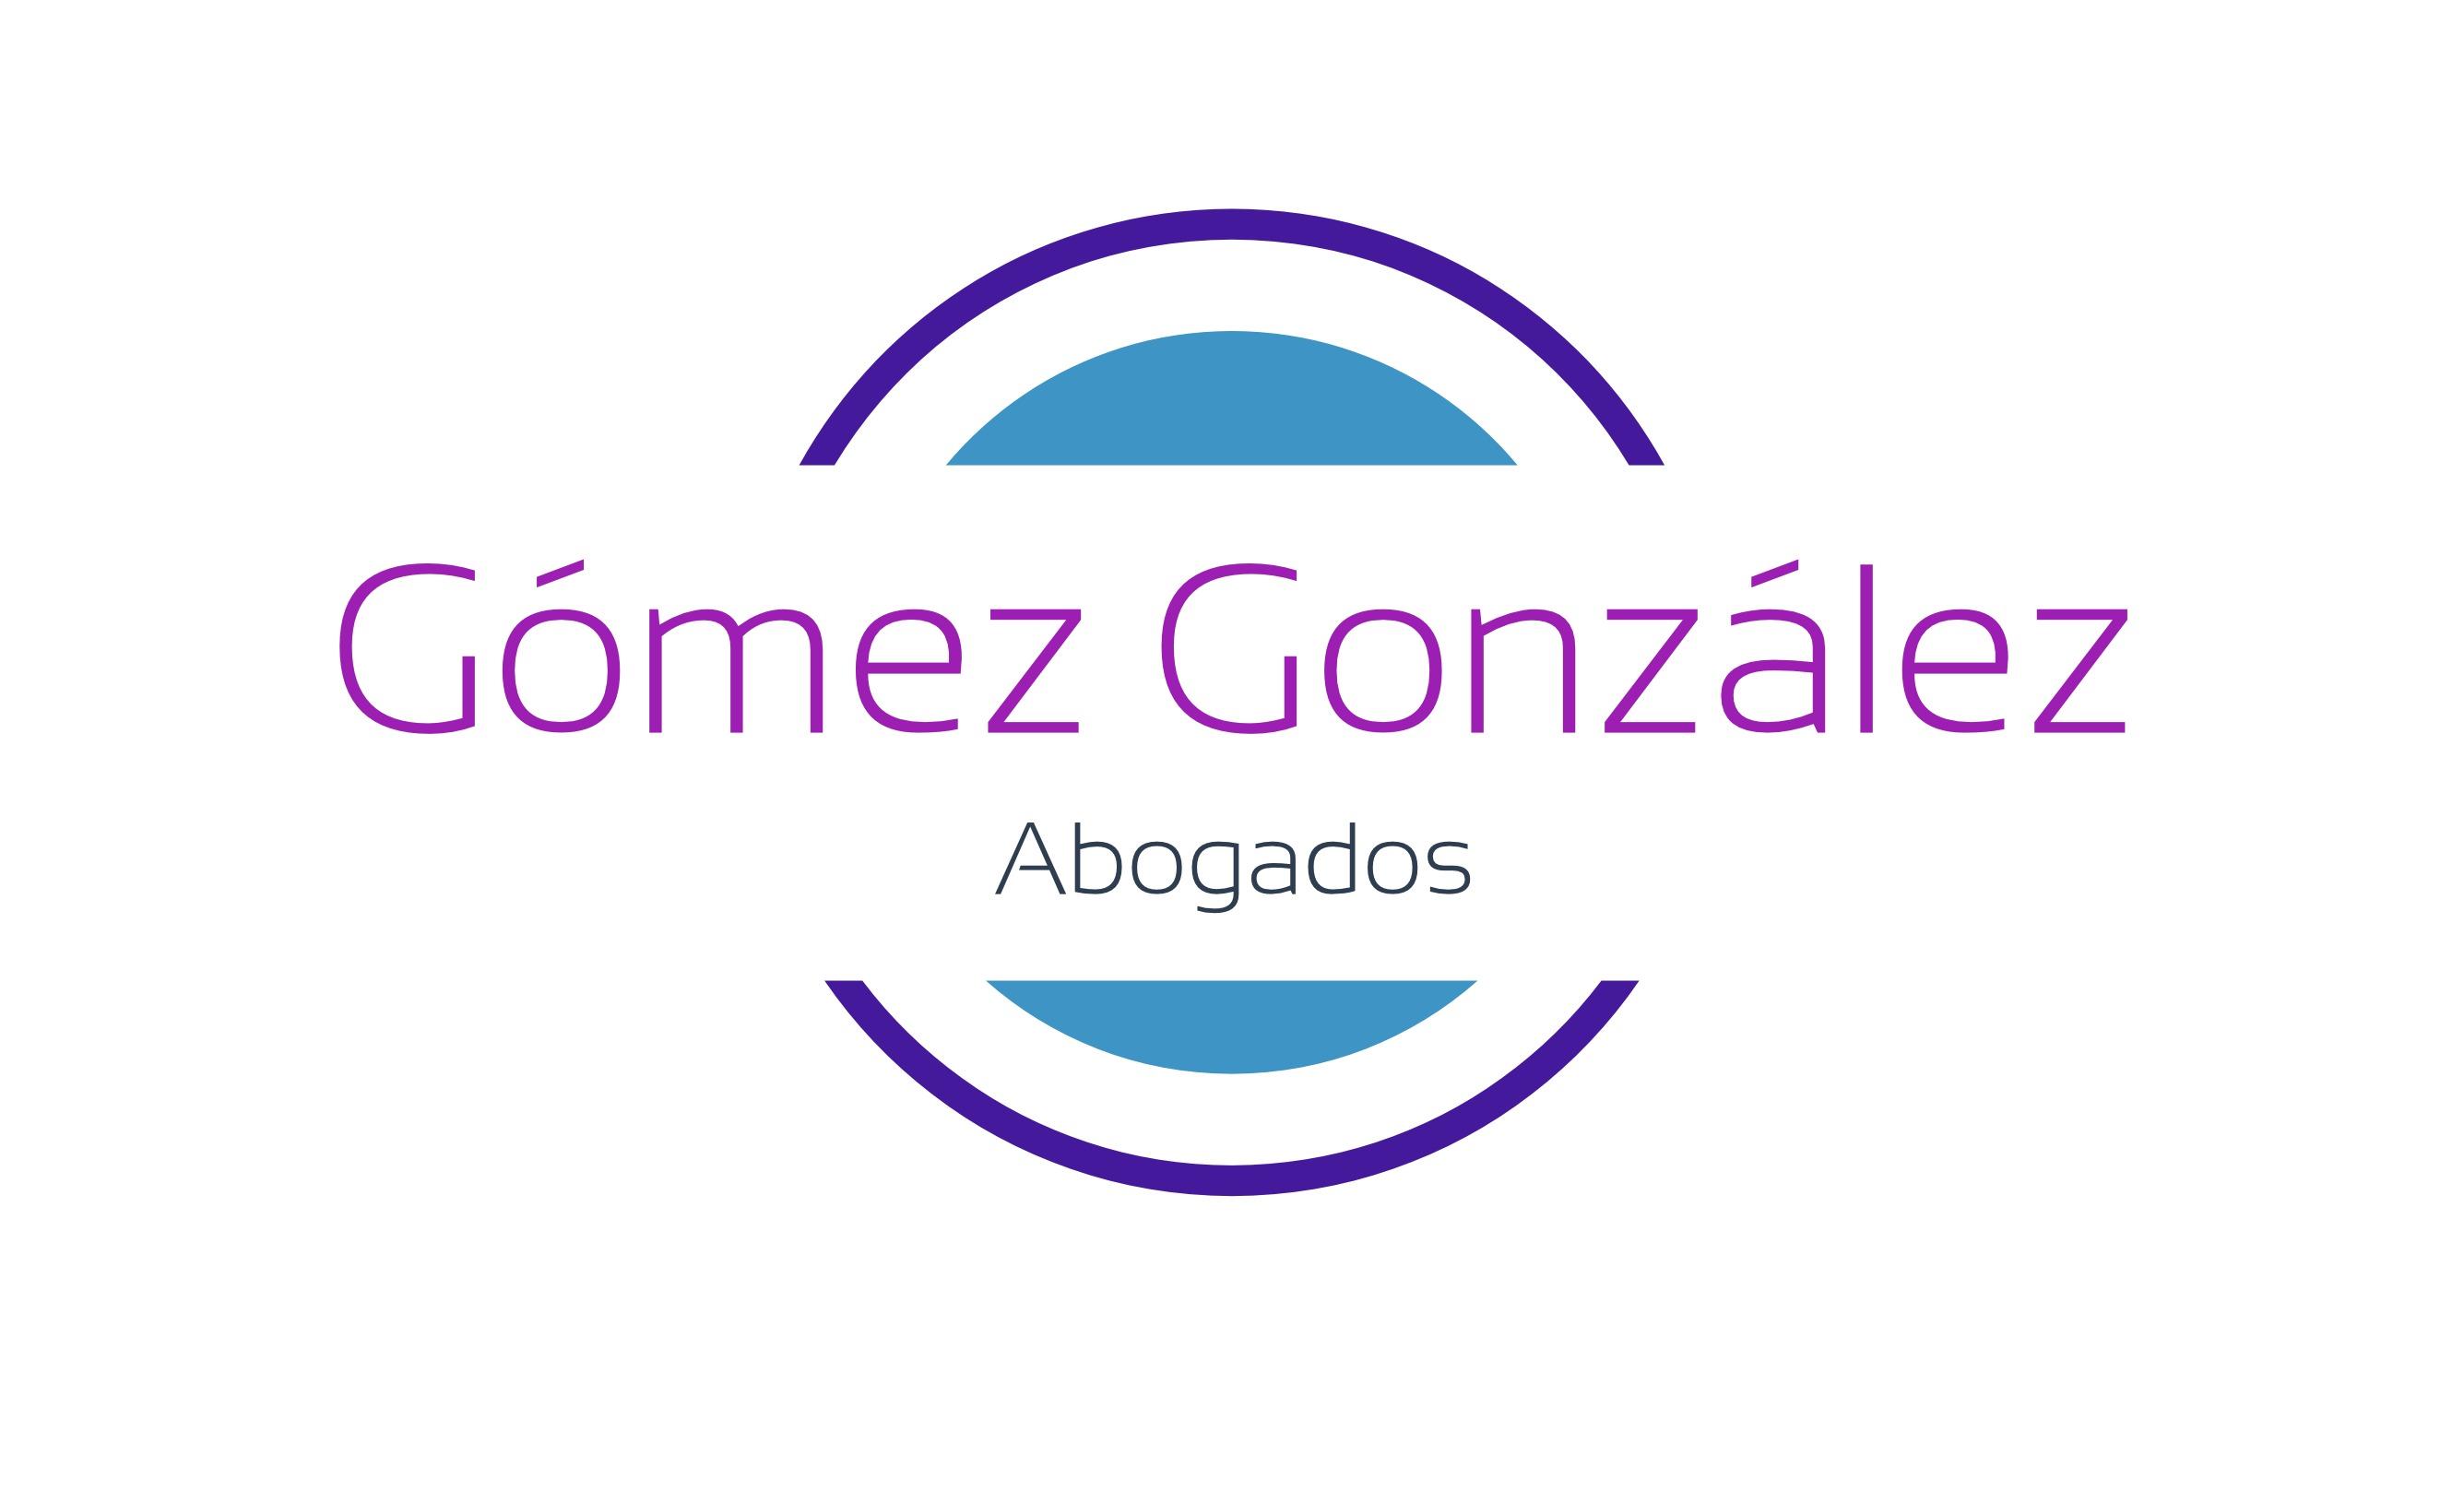 Gómez González Abogados